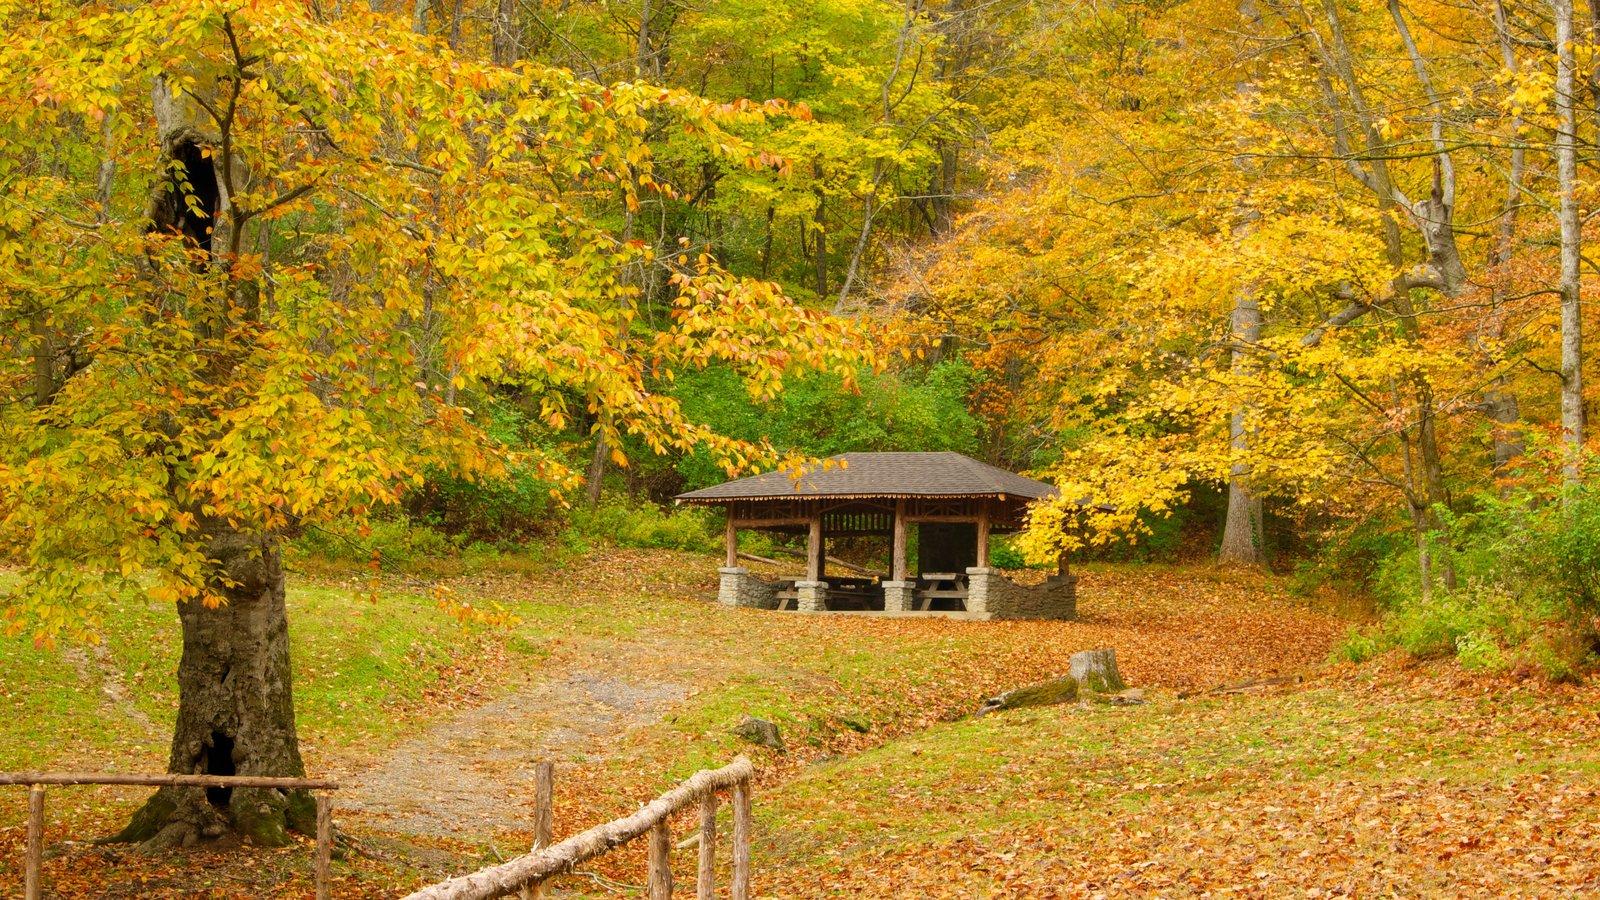 Edwin and Percy Warner Parks ofreciendo bosques, un parque y hojas de otoño